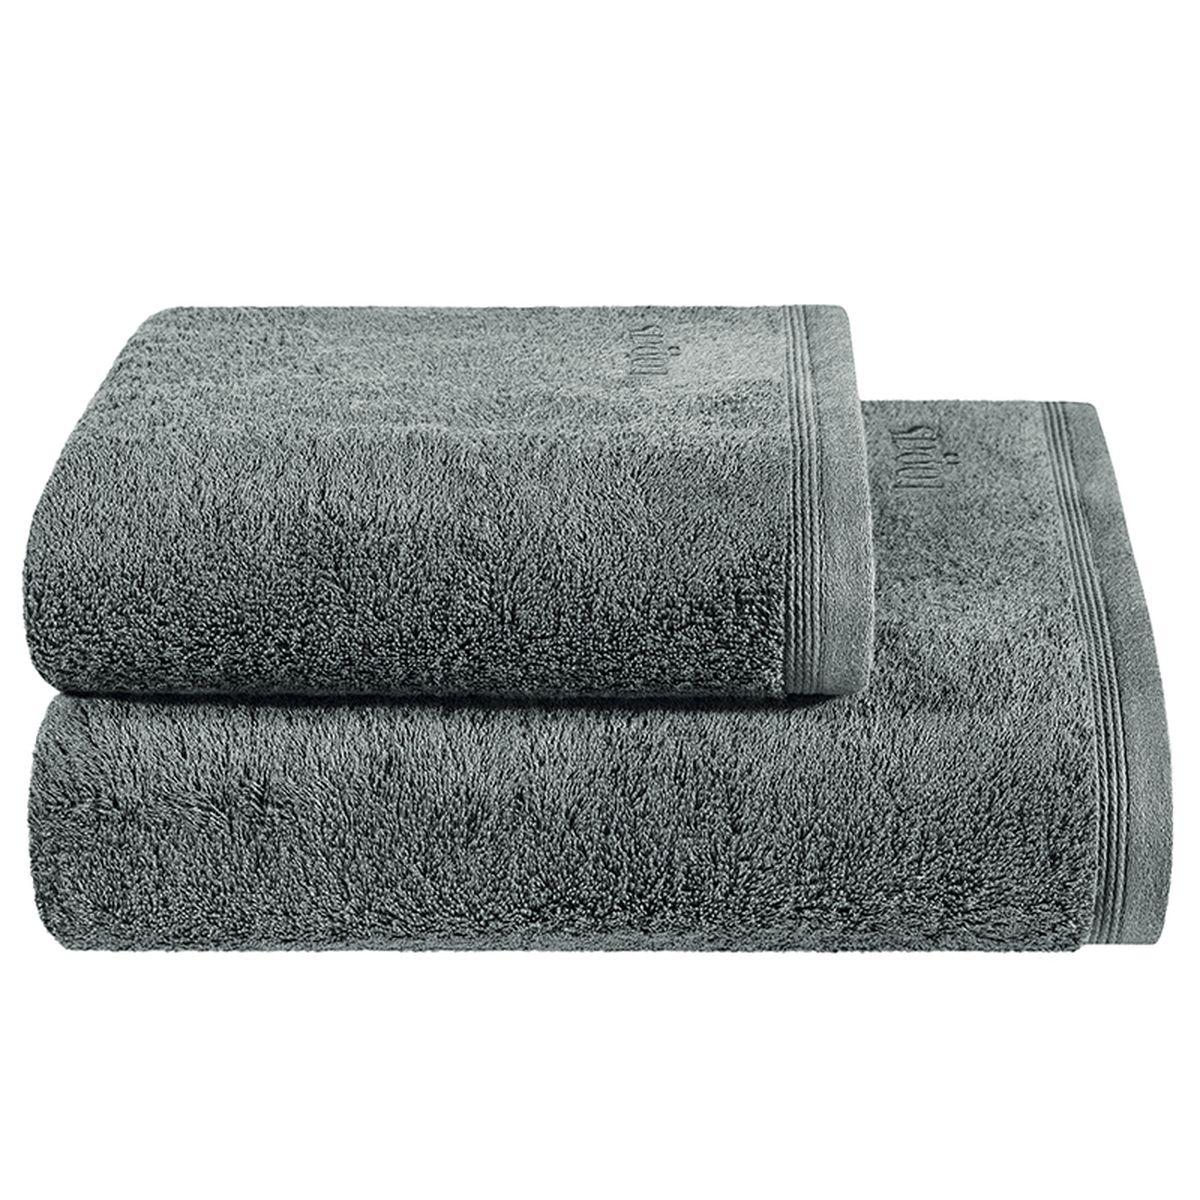 """Полотенце Togas """"Пуатье"""" невероятно гармонично сочетает в себе лучшие качества  современного махрового текстиля. Безупречные по качеству, экологичное полотенце из  70% хлопка и 30% модала идеально заботится о вашей коже, особенно после душа, когда вы  расслаблены и особо уязвимы.  Деликатный дизайн полотенца Togas «Пуатье» - воплощение изысканной простоты, где на  первый план выходит качество материала. Невероятно мягкое волокно модал, превосходящее по  своим свойствам даже хлопок, позволяет улучшить впитывающие качества полотенца и делает  его удивительно мягким. Модал - это 100% натуральное, экологически чистое целлюлозное  волокно. Оно производится без применения каких-либо химических примесей, поэтому абсолютно  гипоаллергенно.   Полотенце Togas """"Пуатье"""", обладающее идеальными качествами, будет поднимать вам  настроение."""